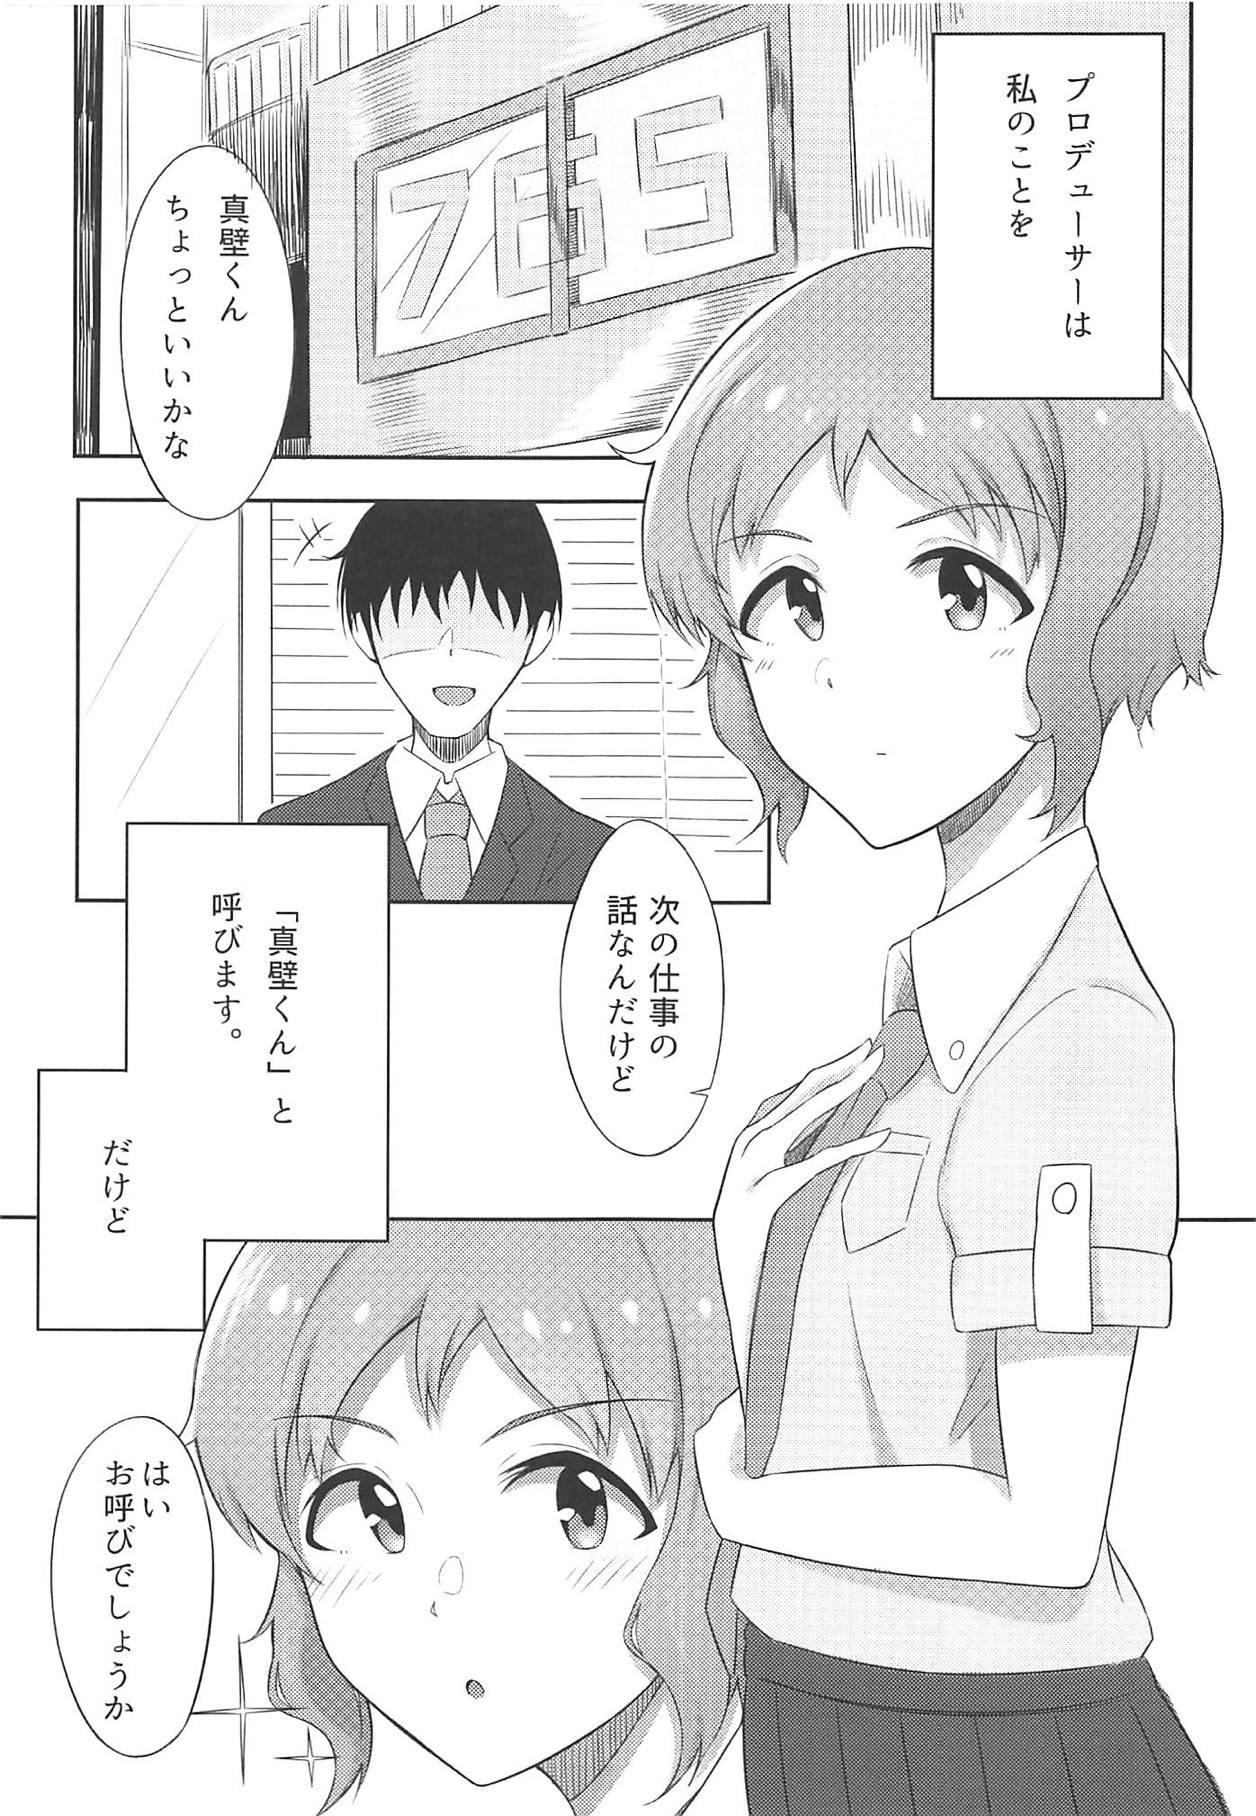 Makabe-kun to Ecchi Suru Hon 2